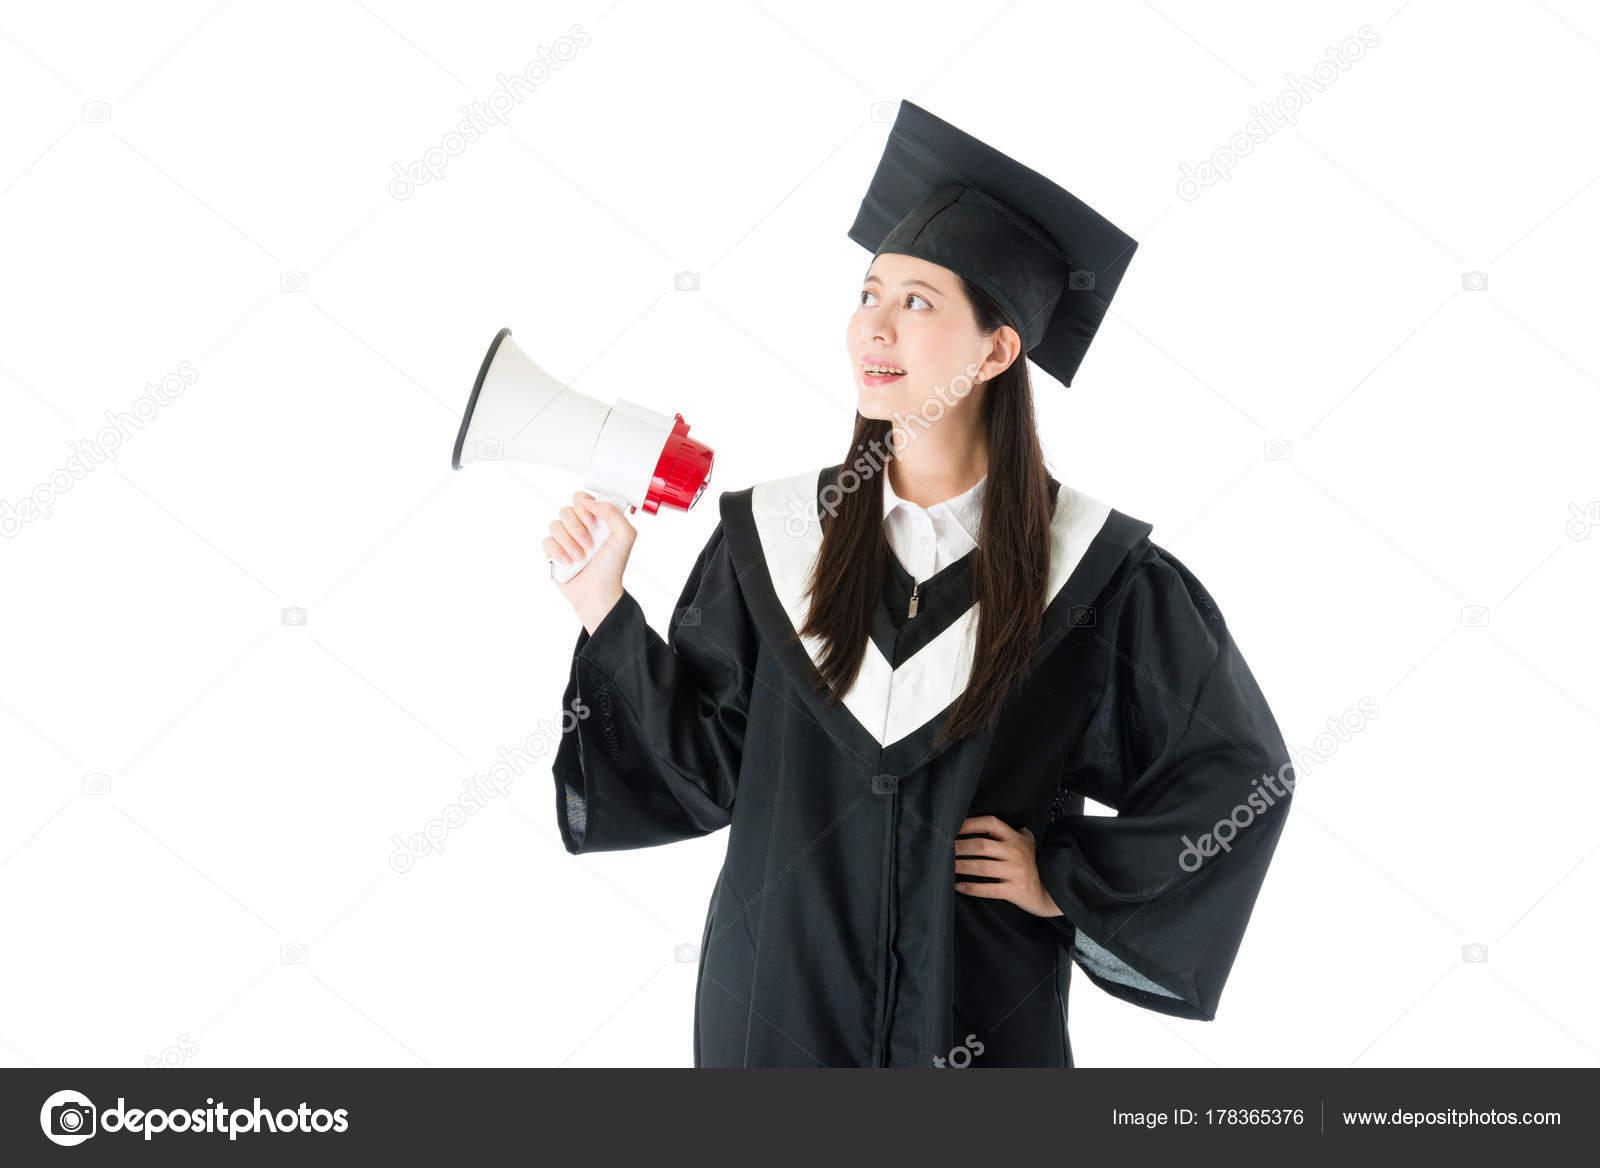 4074a3ae6 Estudiante chica guapa joven con graduación ropa de pie sobre fondo blanco